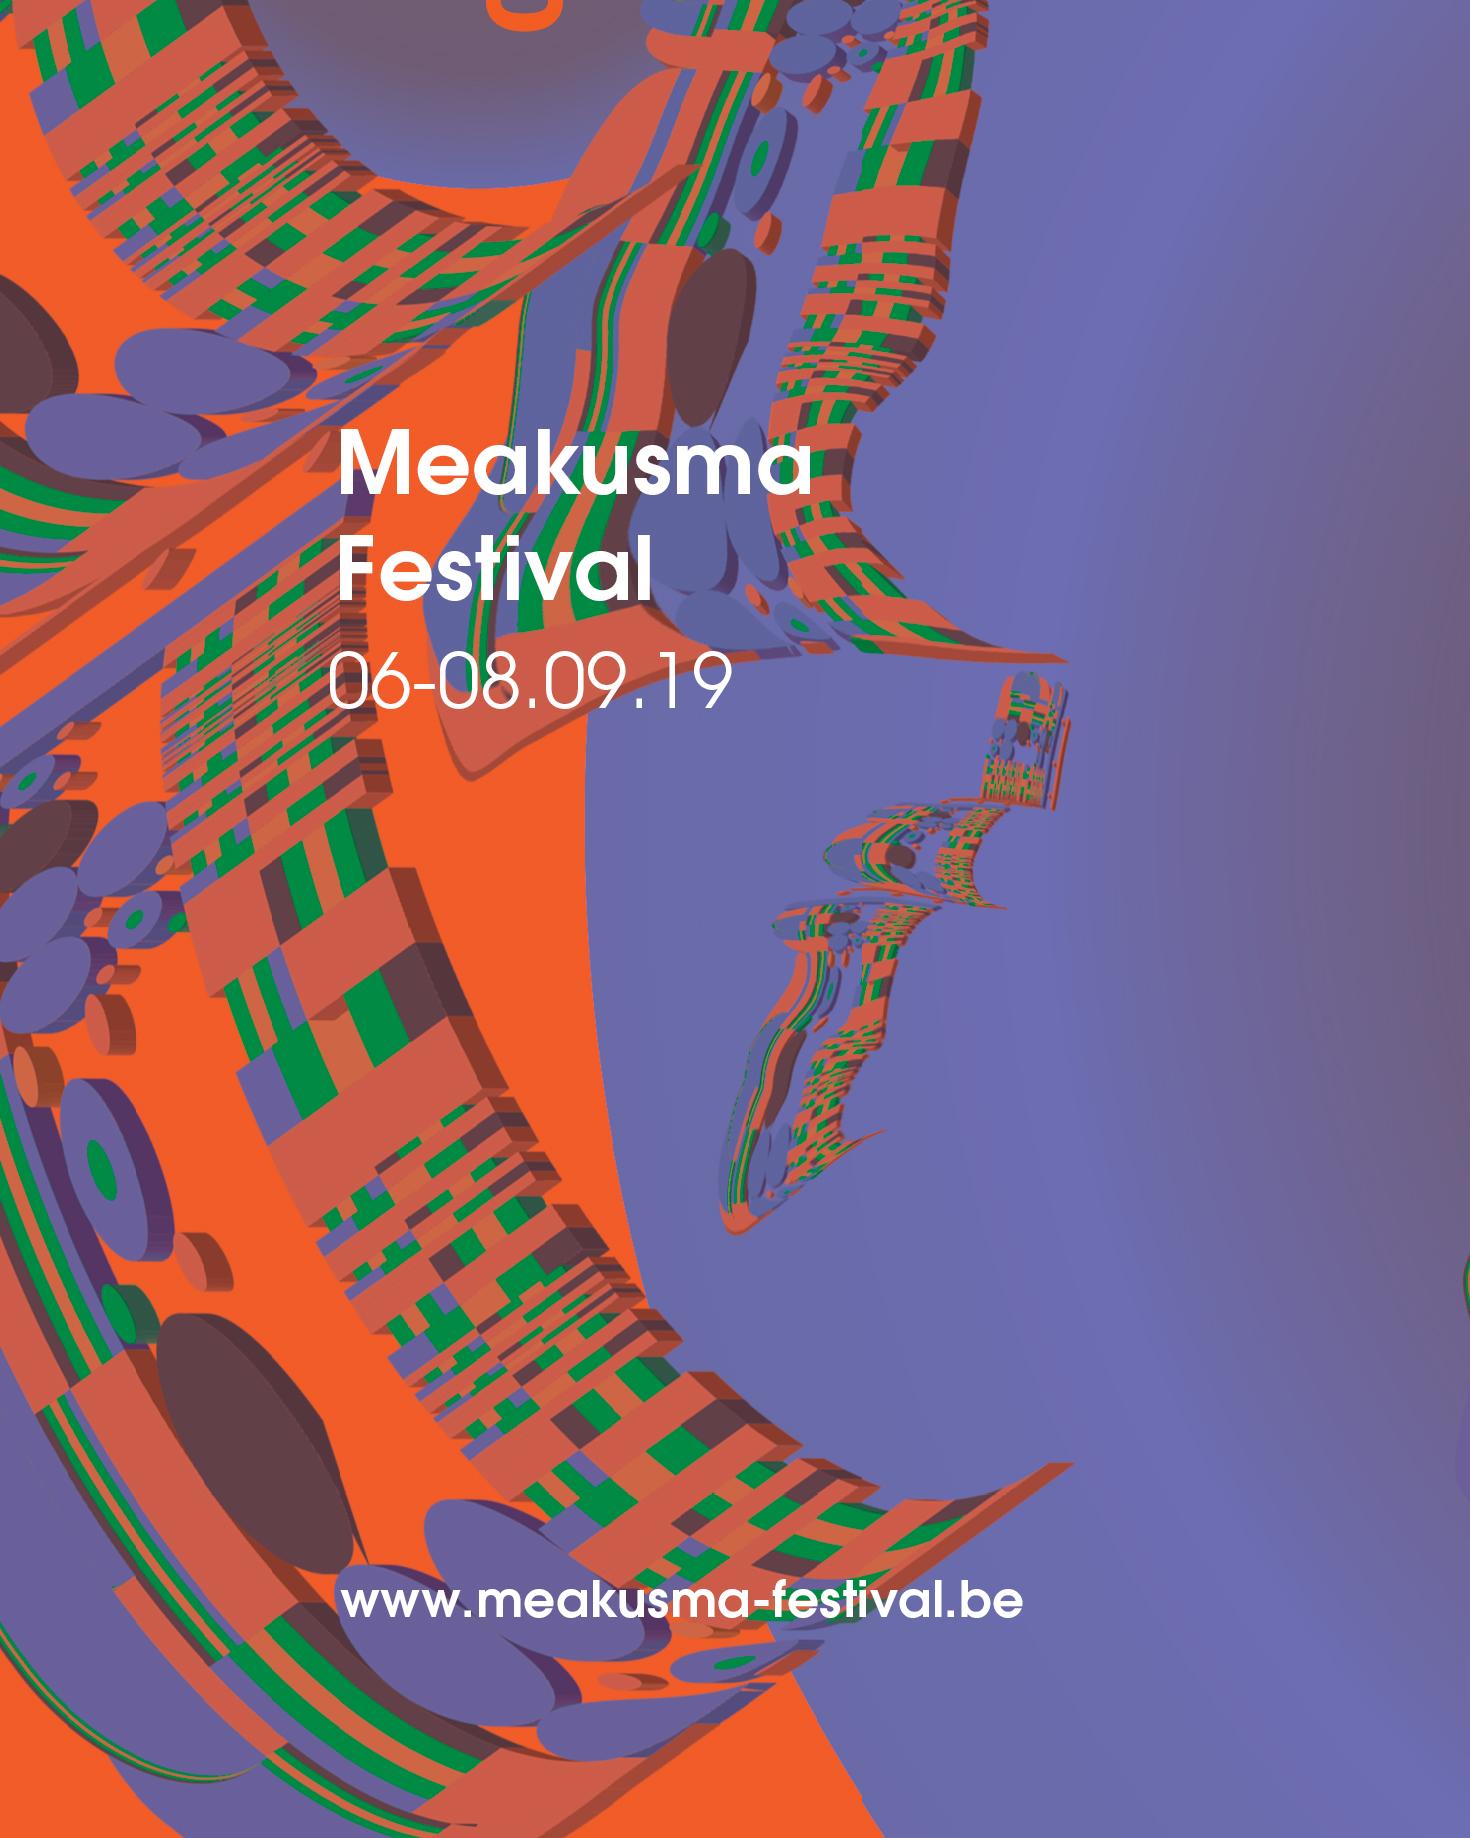 meakusma festival 2019